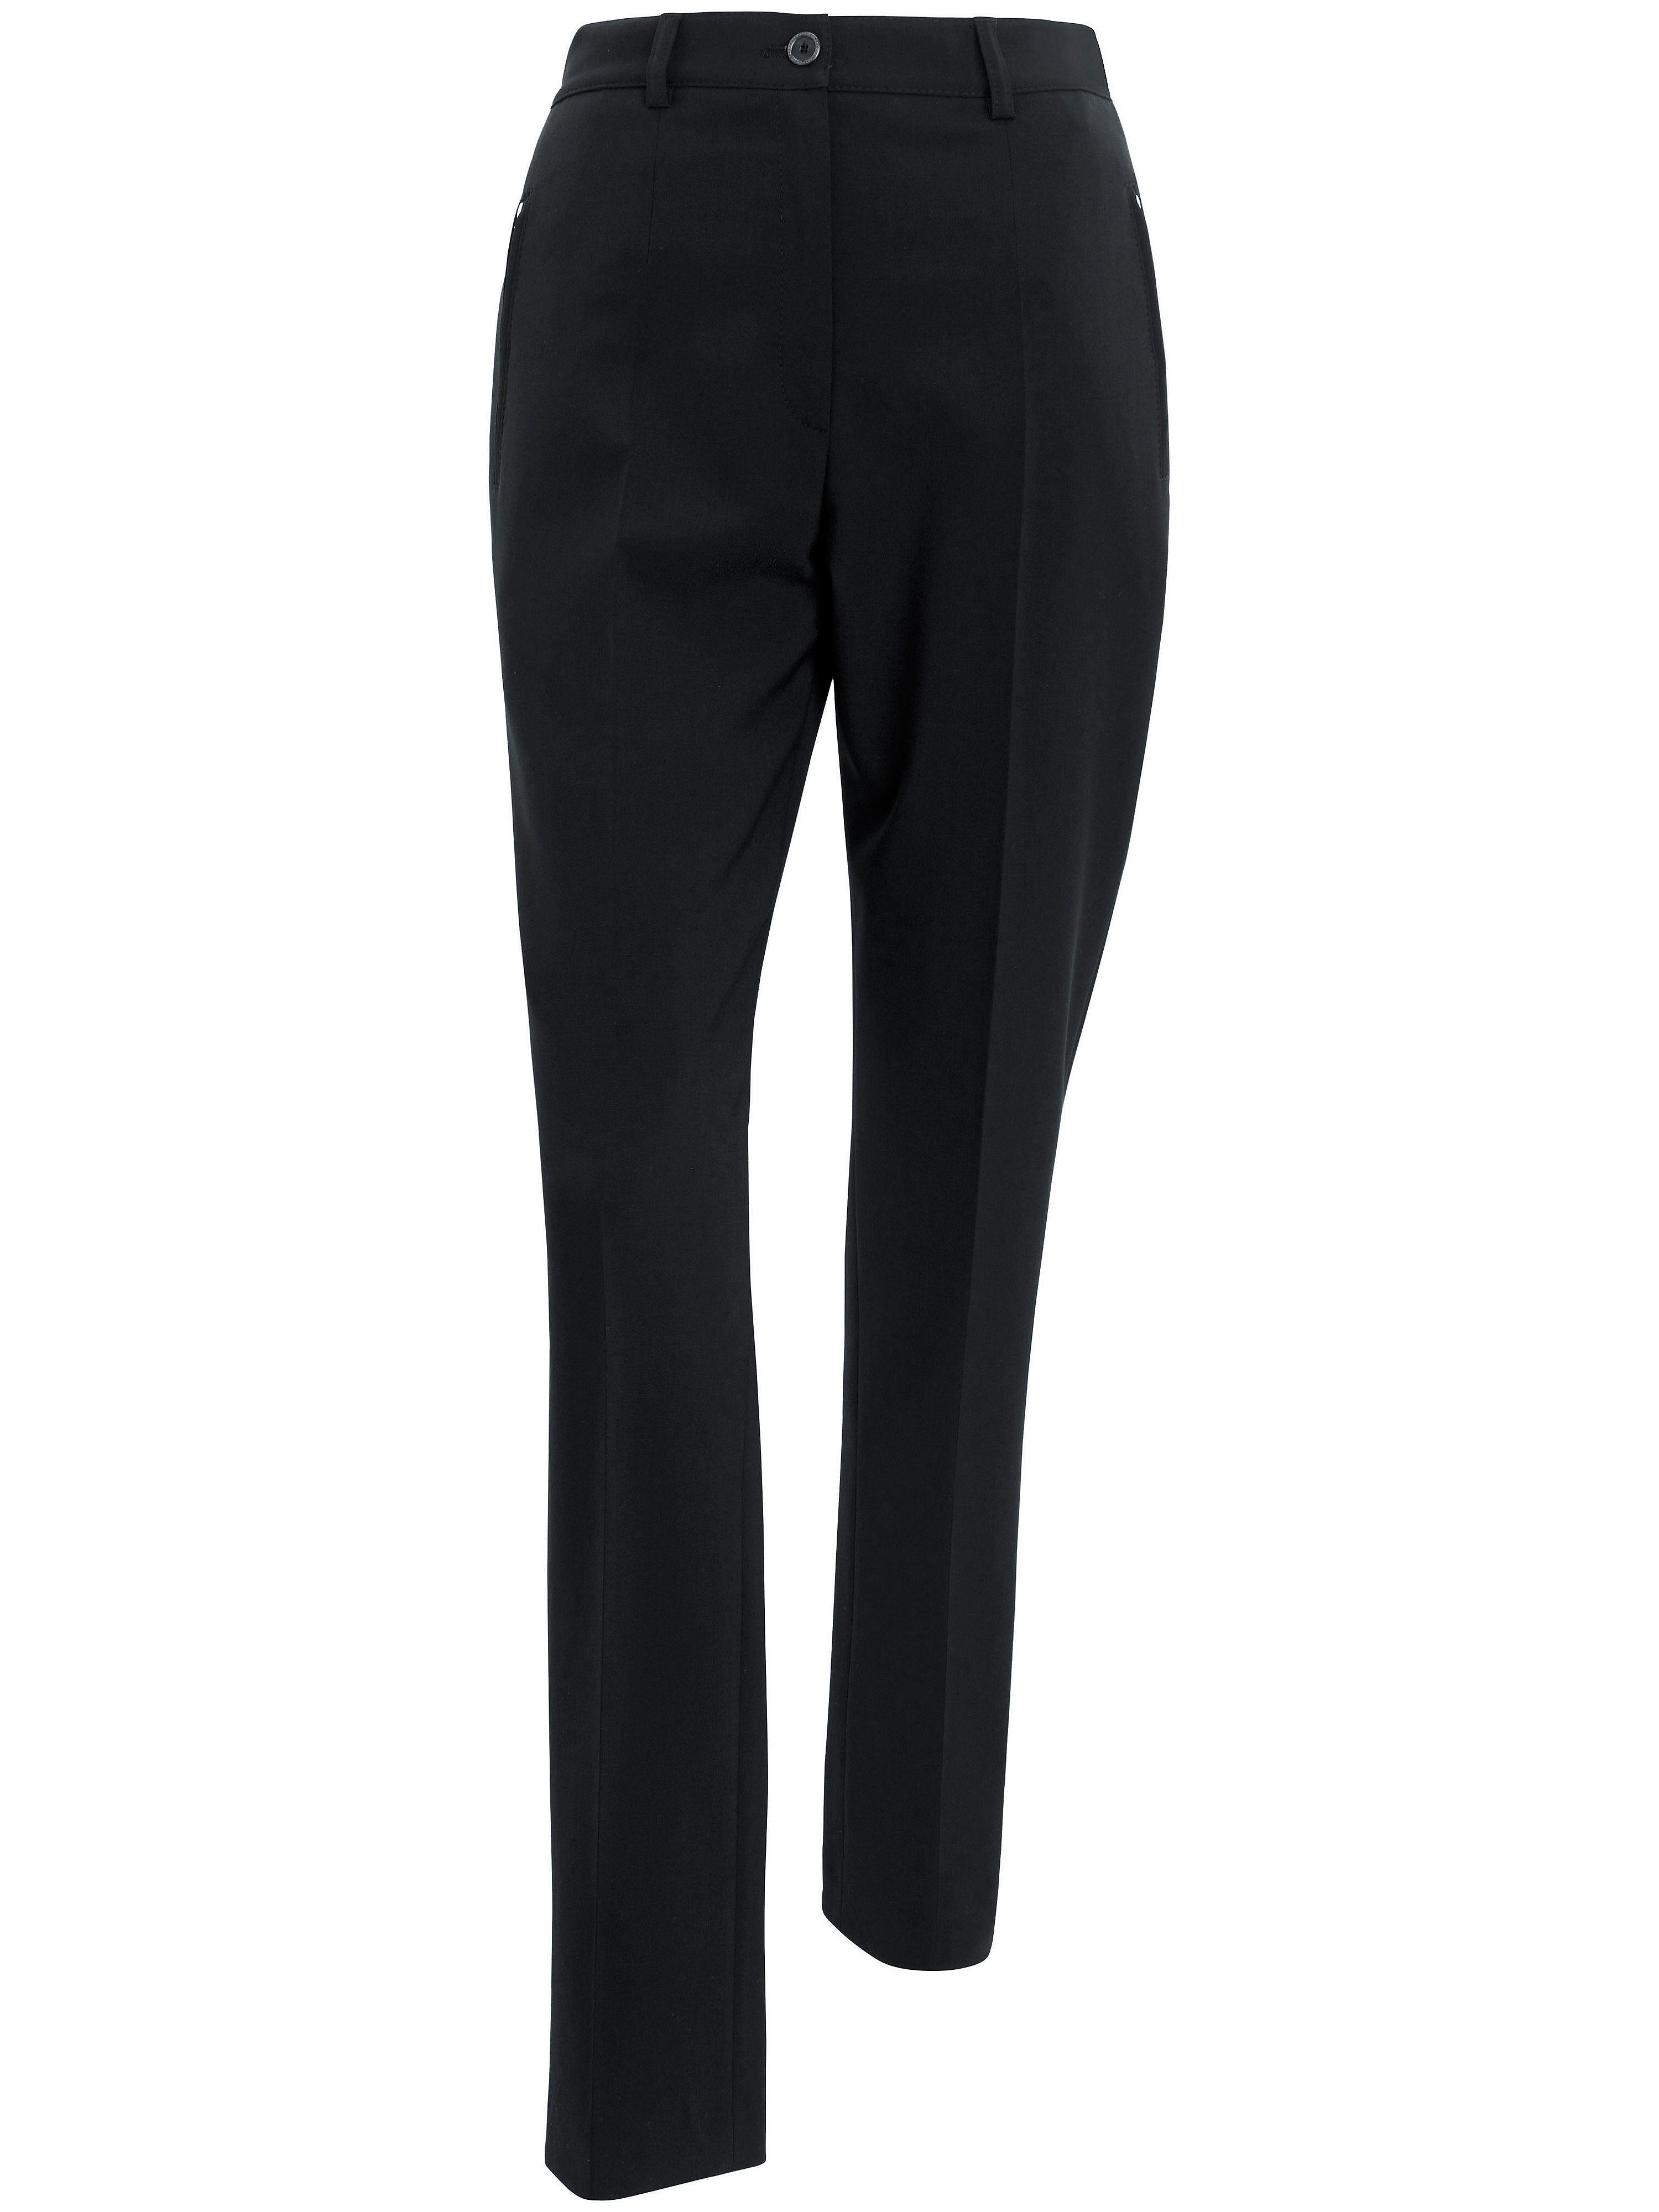 Le pantalon  Raphaela by Brax noir taille 21